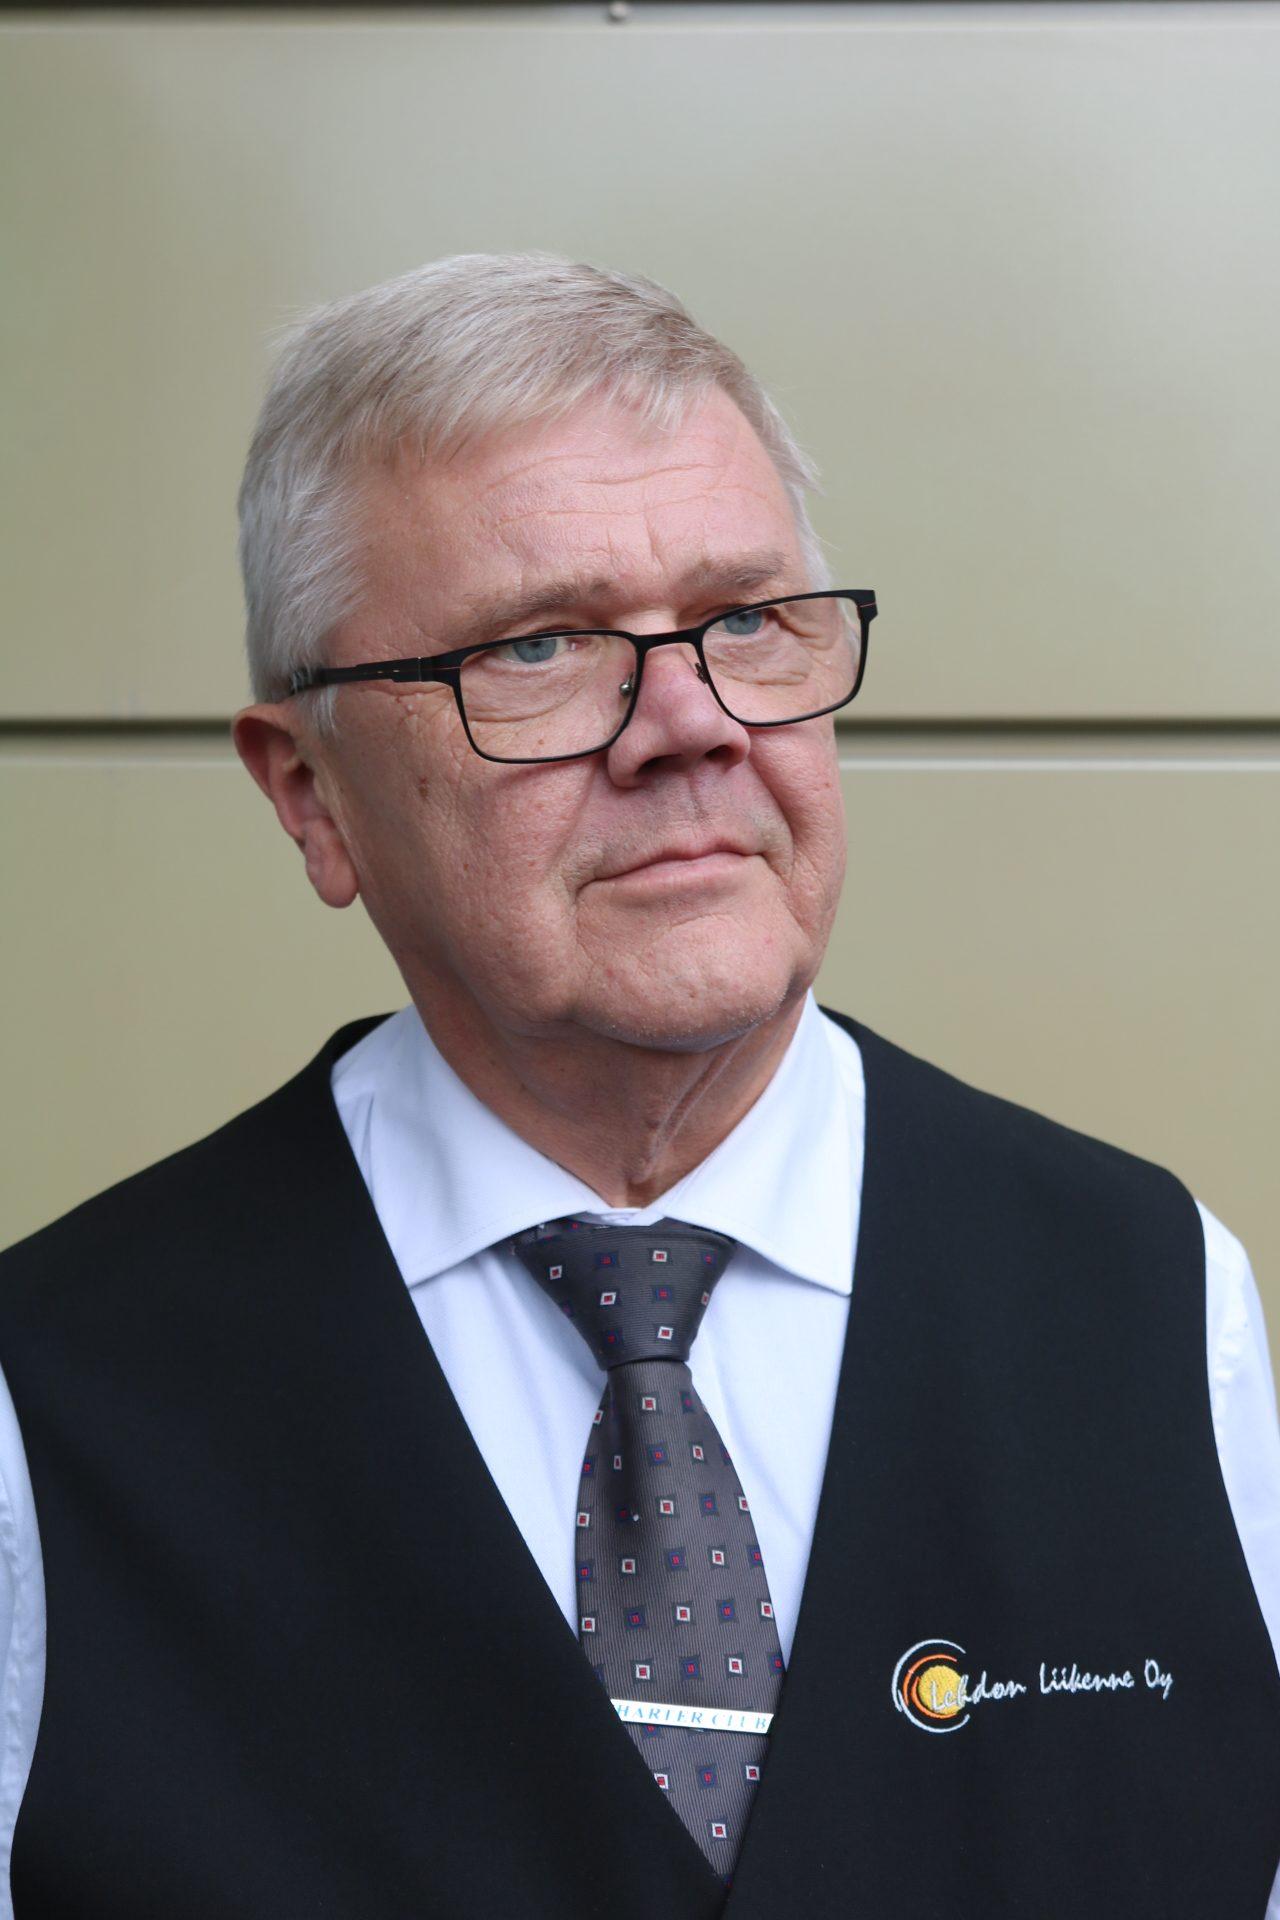 Lehdon Liikenne - Henkilöstö - Kuljettaja - Matti